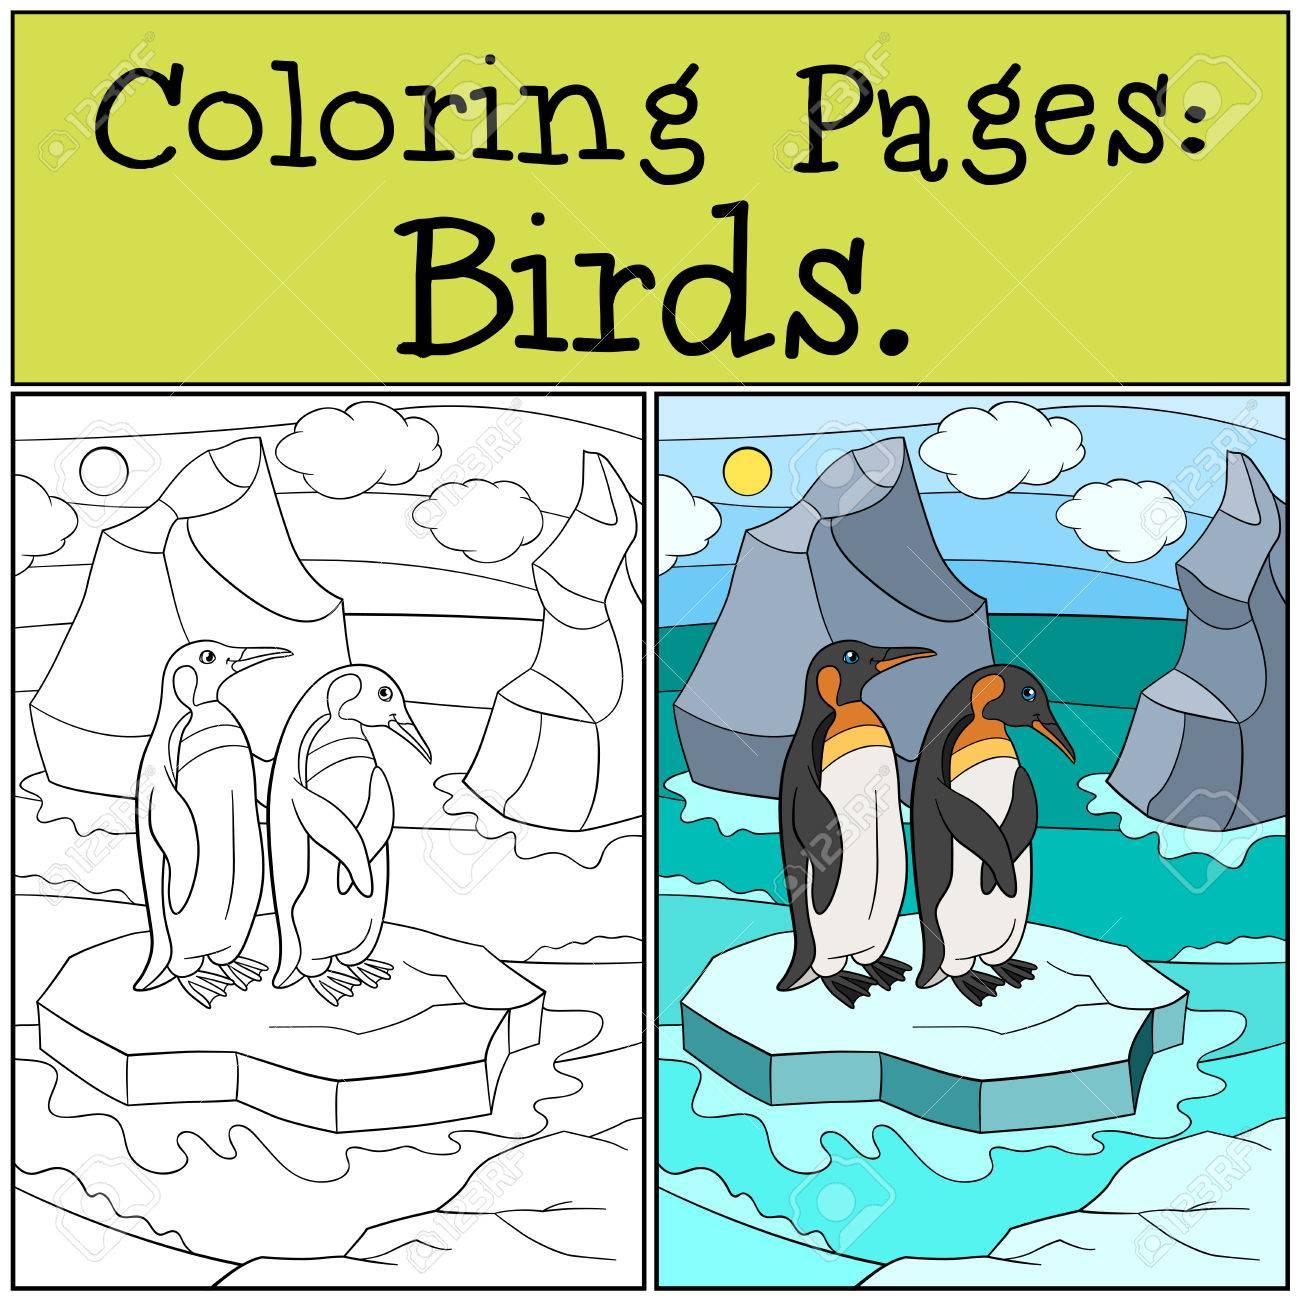 Kleurplaten Vogels.Kleurplaten Vogels Twee Kleine Schattige Pinguins Staan Op Het